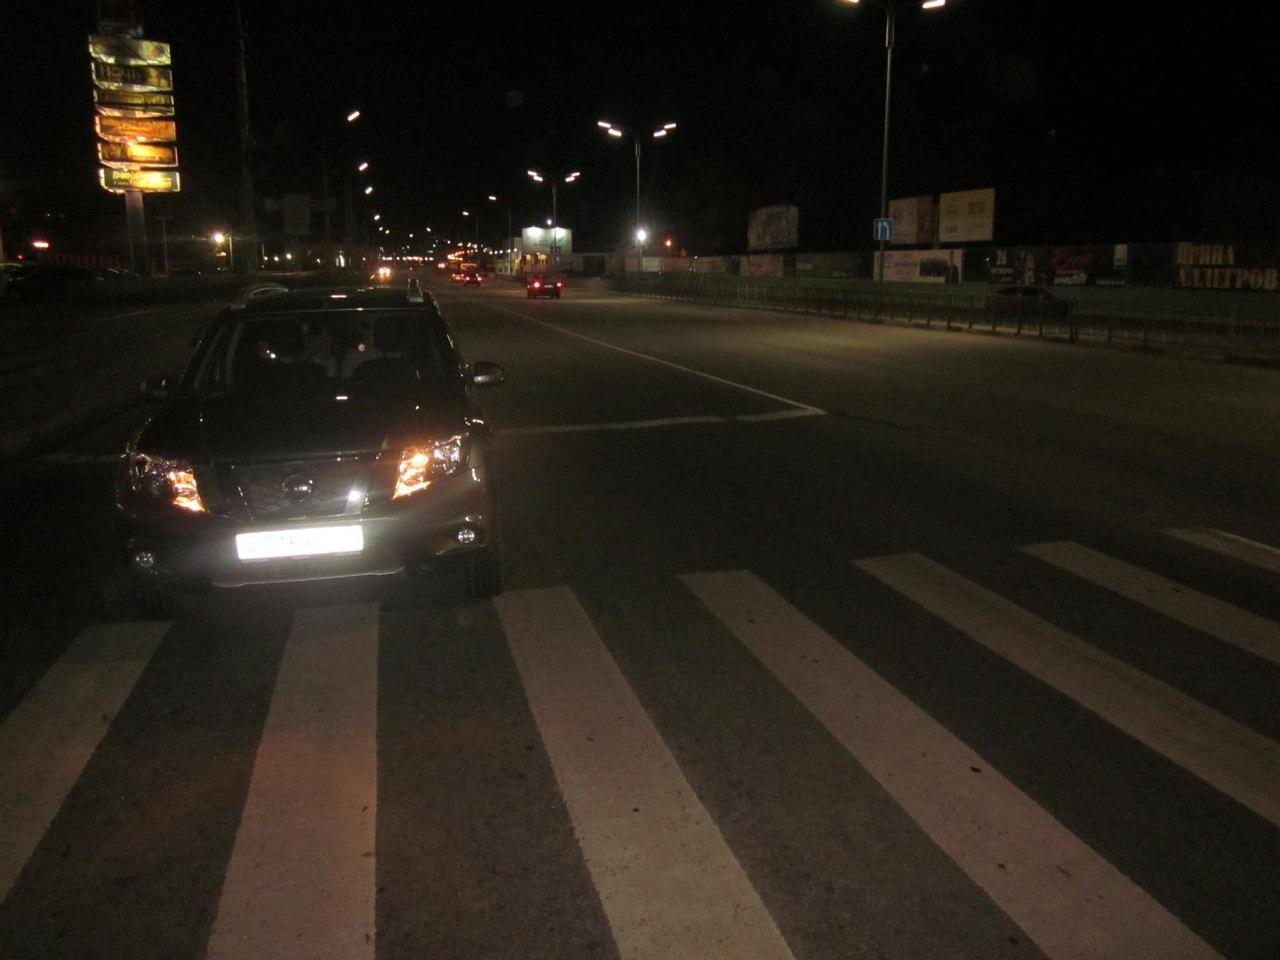 ВОрле наКромском шоссе иностранная машина сбила подростка